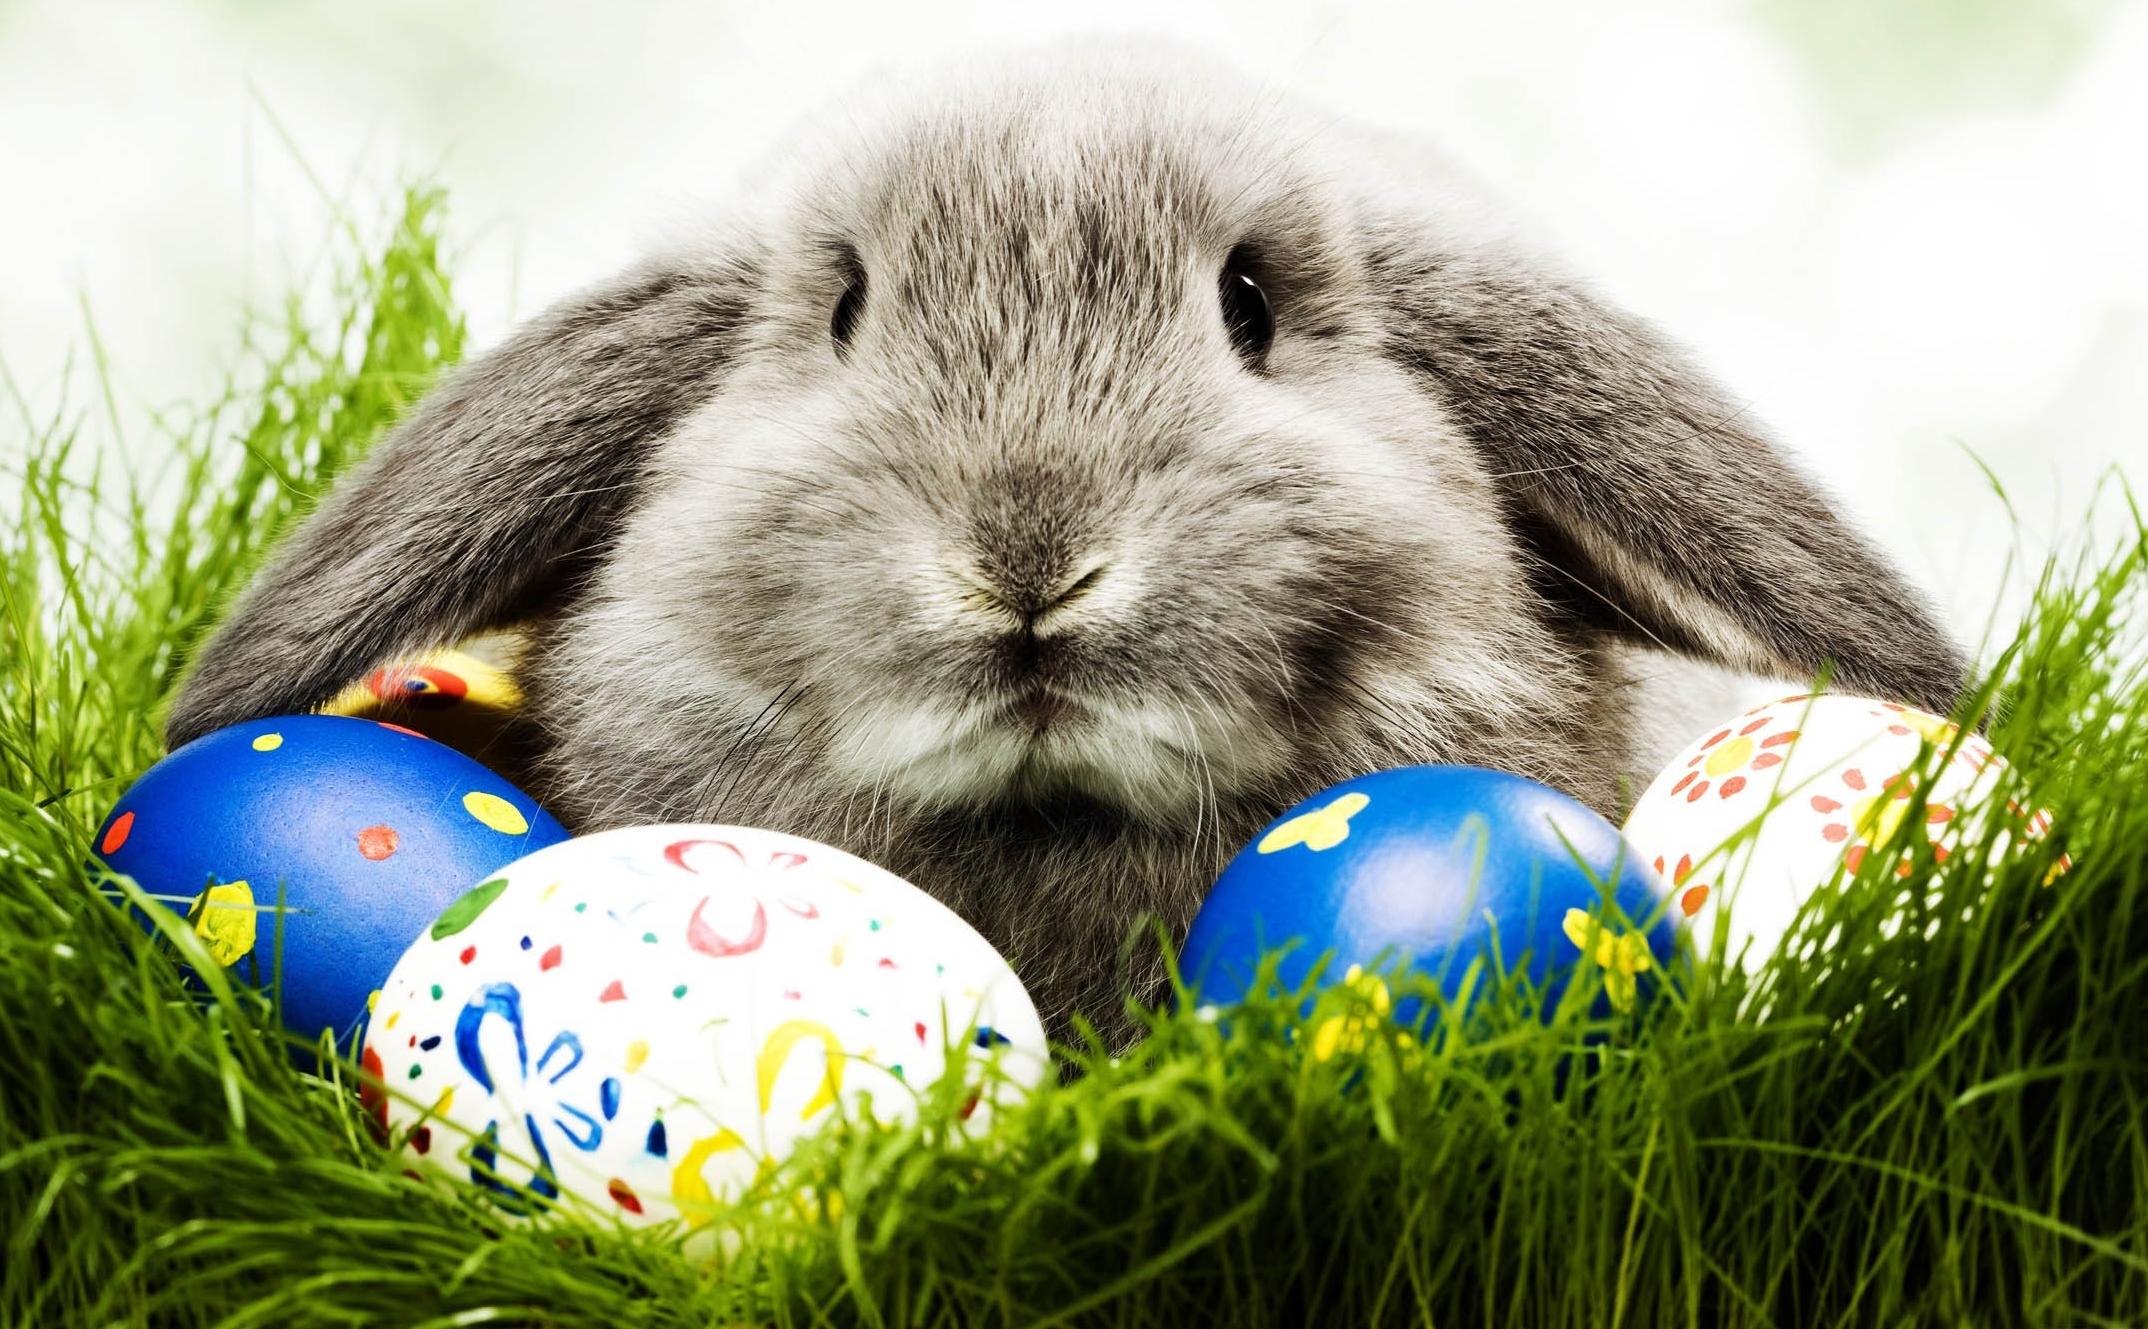 Jaki prezent na Wielkanoc?